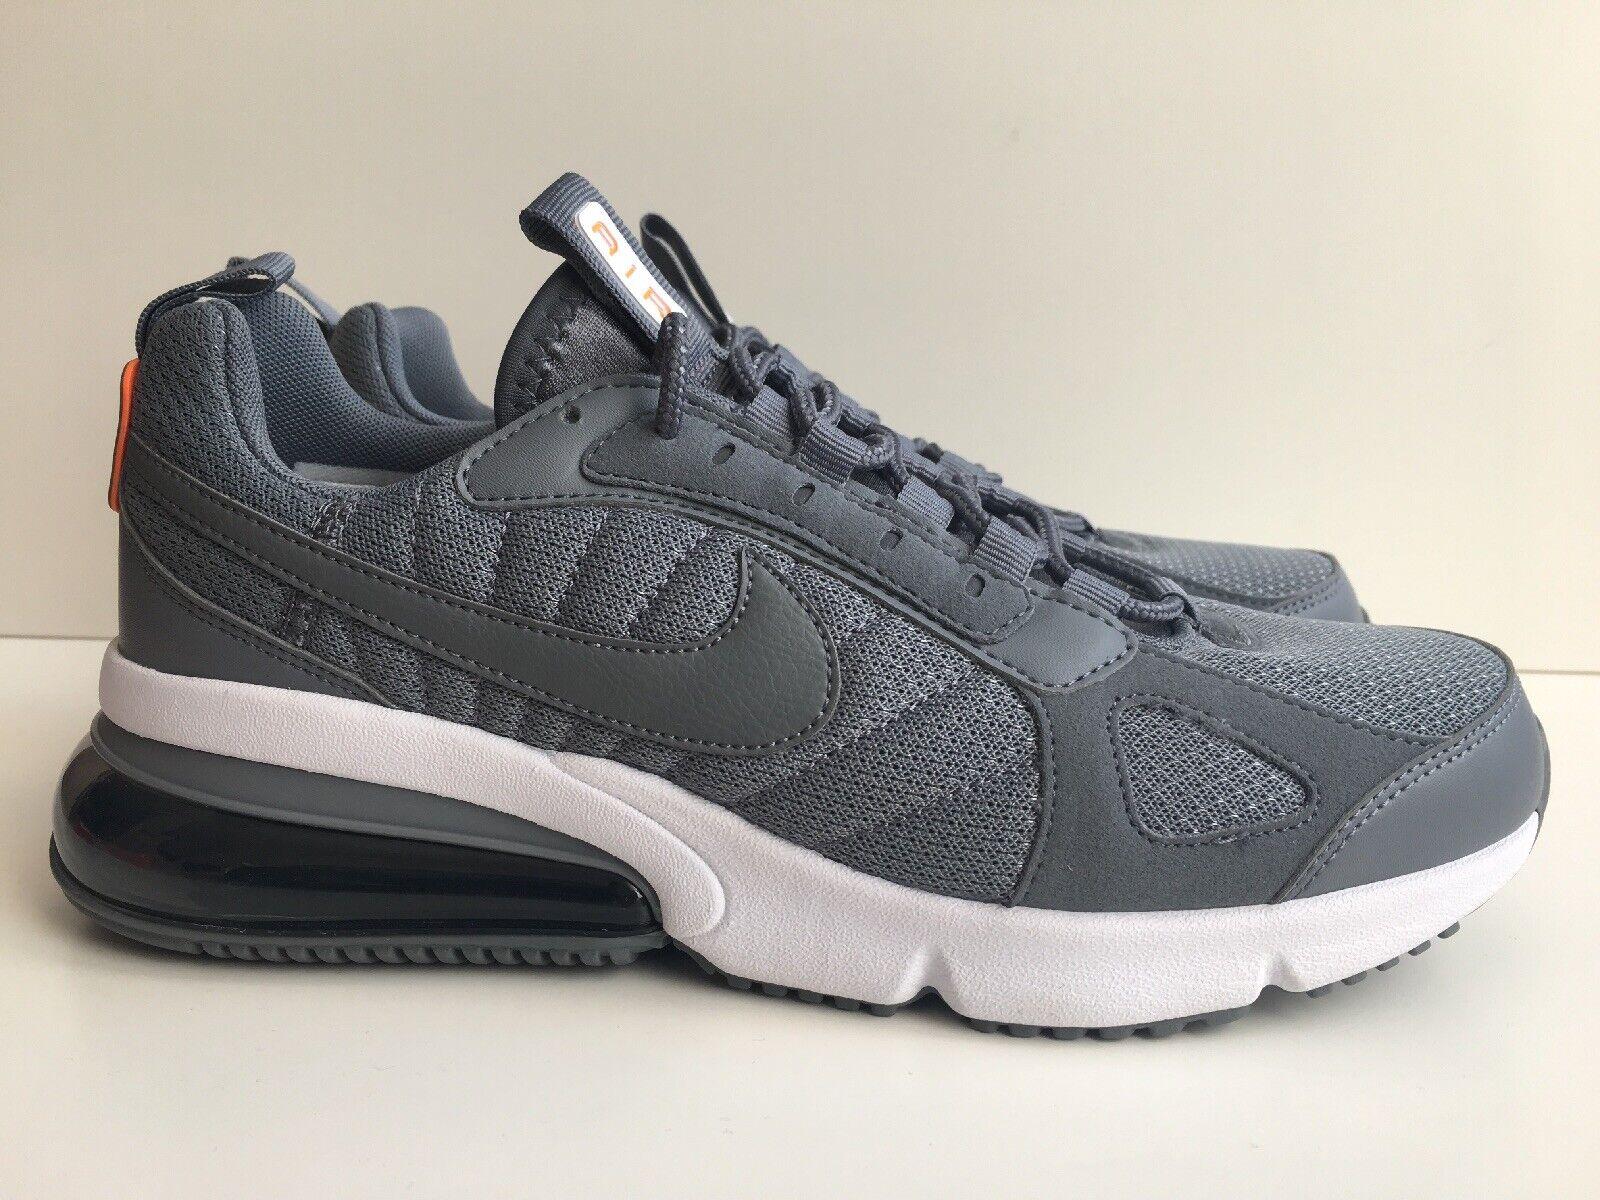 Nike Air Max 270 Futura Size 6.5 EUR Grey White AO1569 004